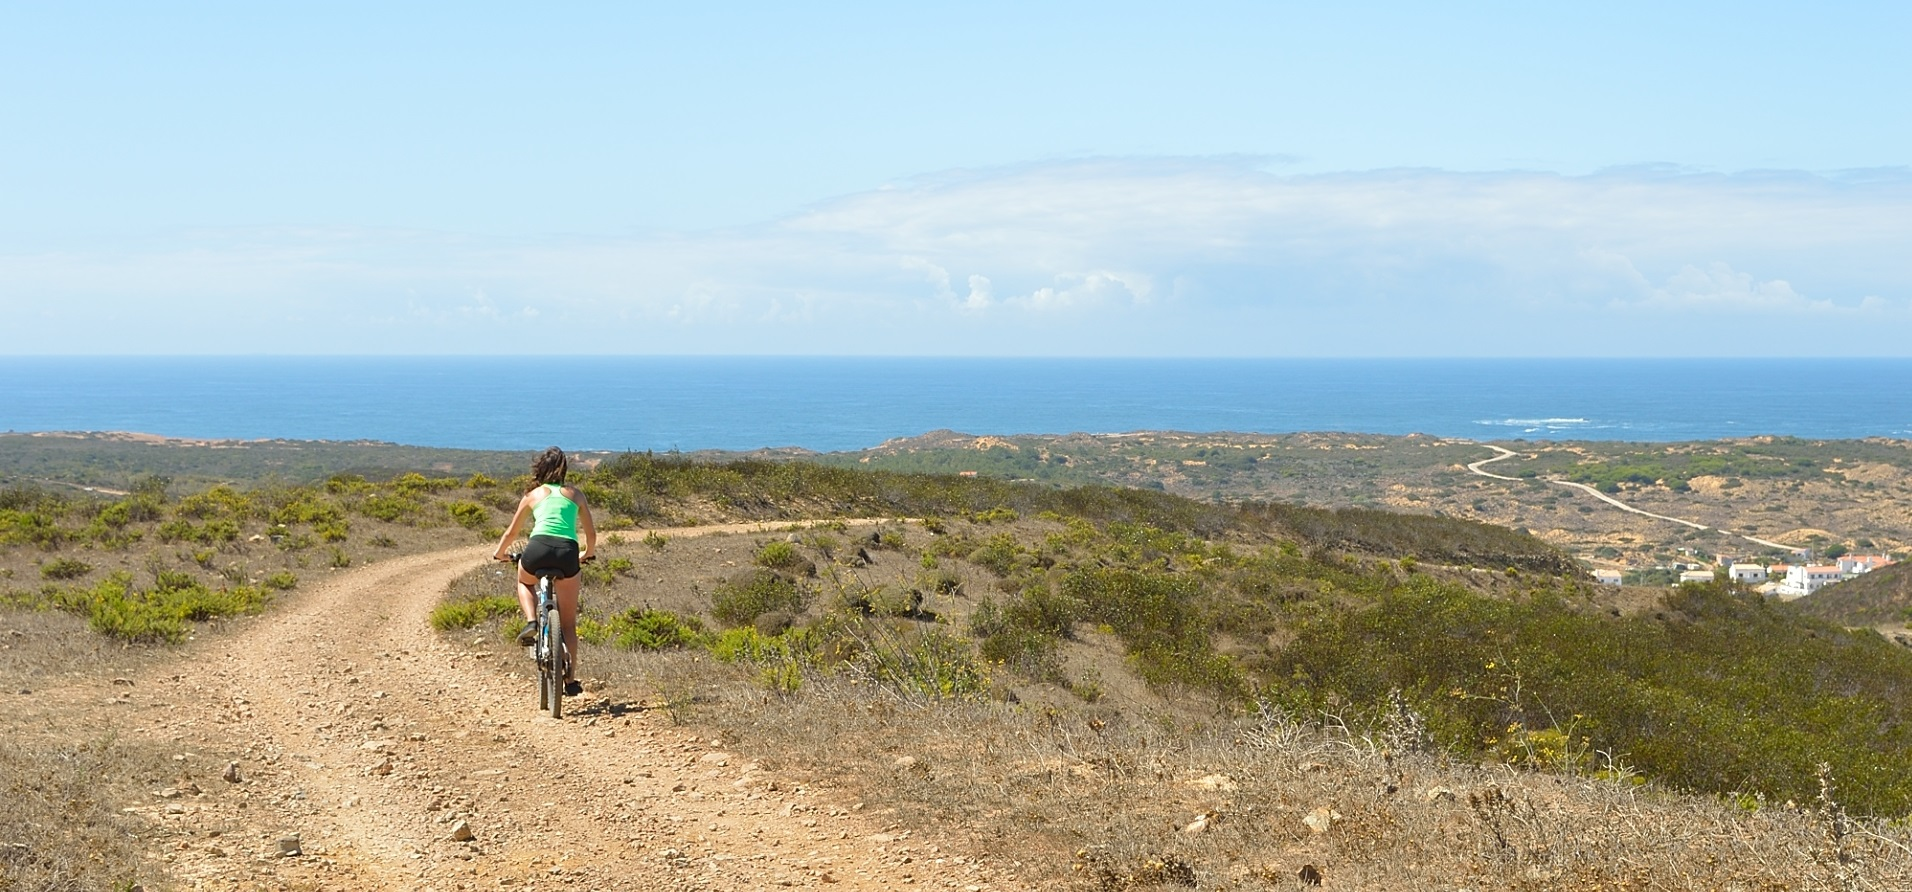 Wycieczka rowerowa w Algarve. Odkrywanie Portugalii na dwóch kółkach.